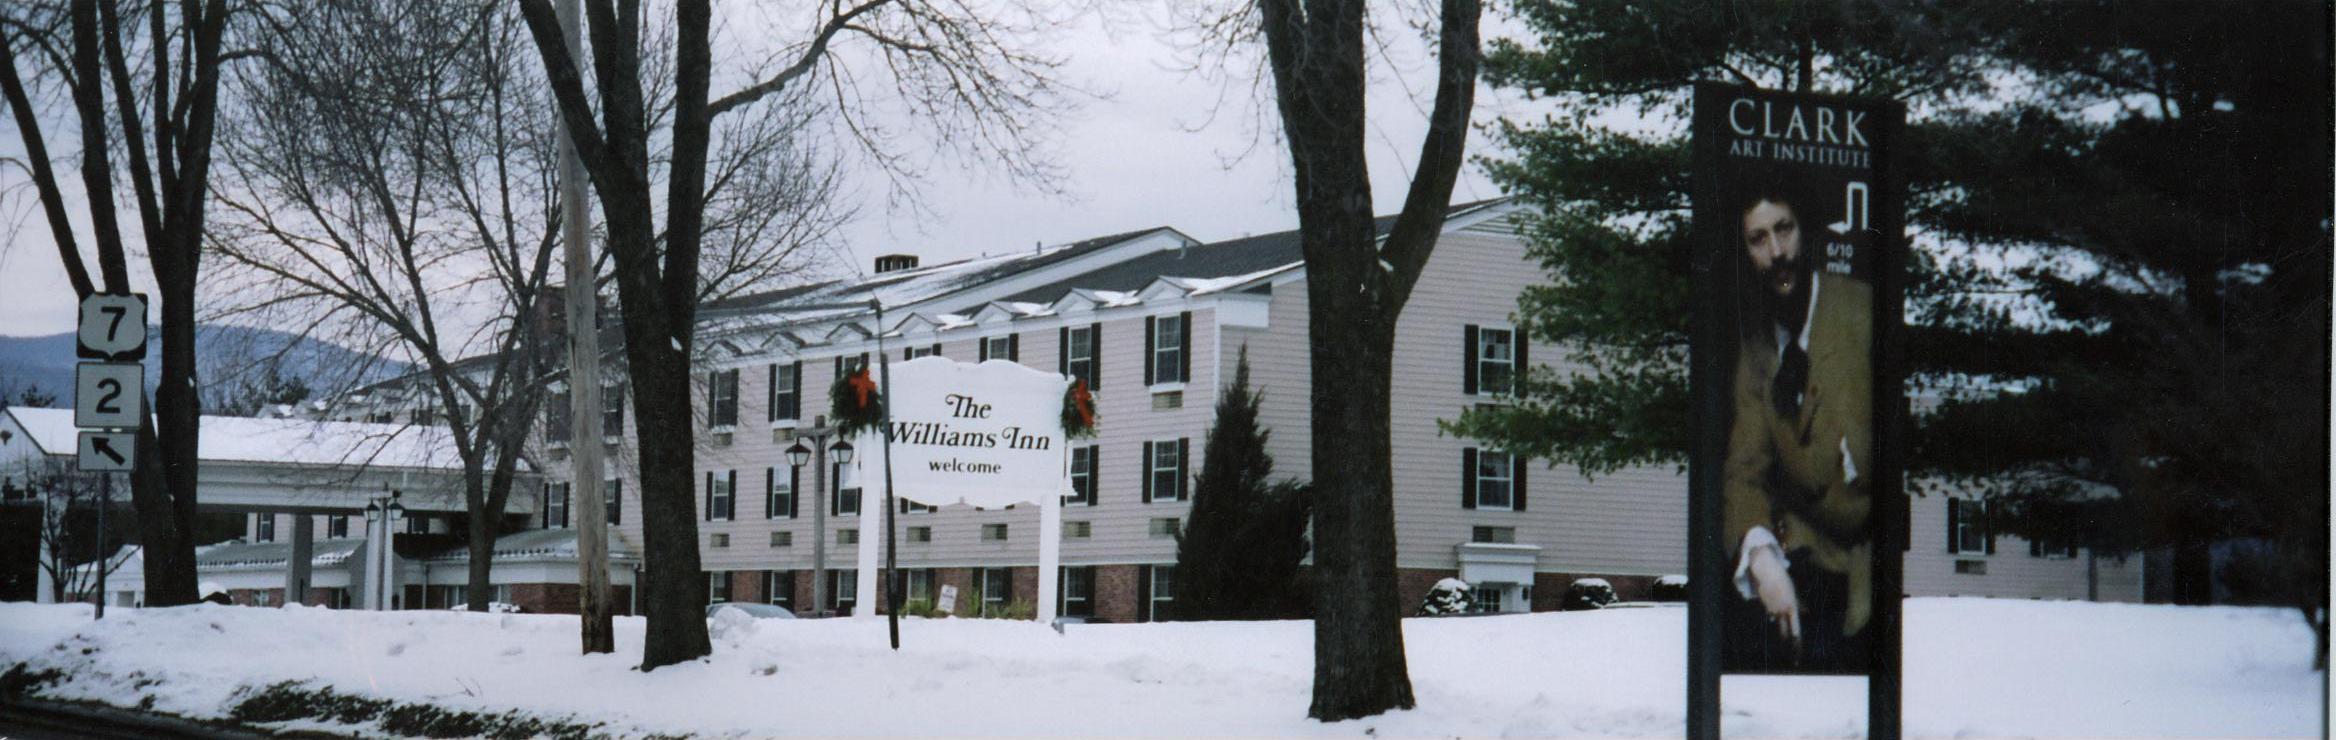 The Williams Inn, Williamstown, Massachusetts